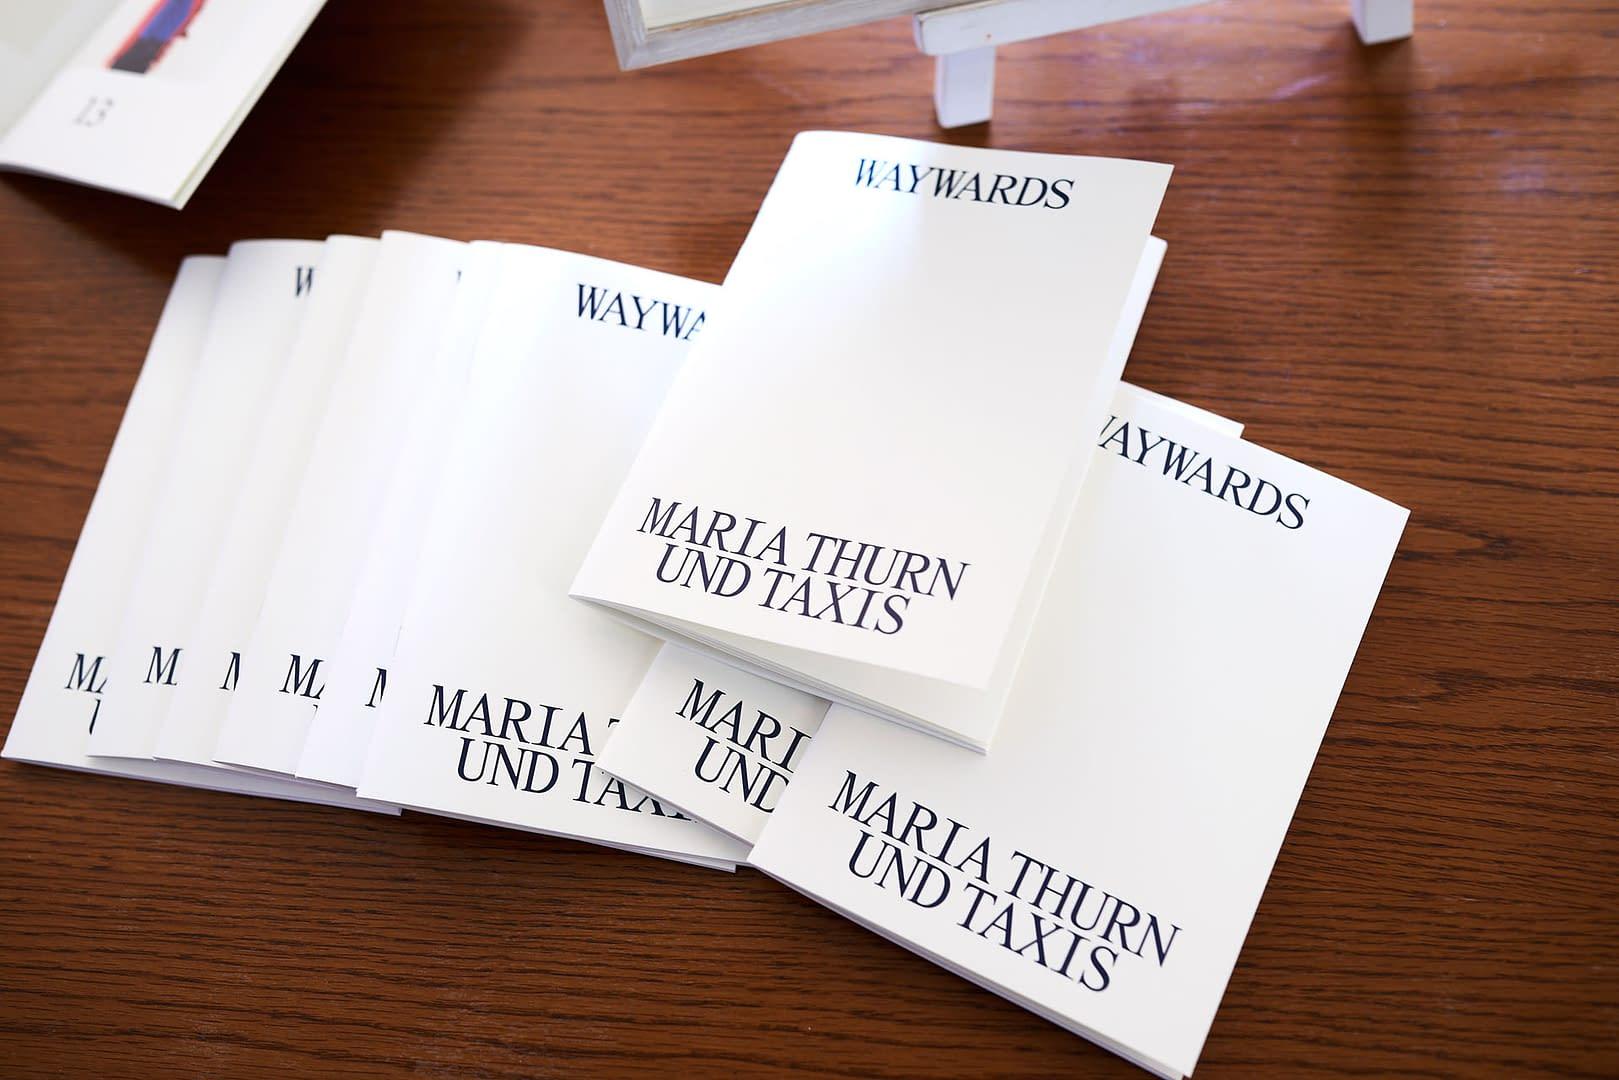 WAYWARDS DER MARIA THURN UND TAXIS 06